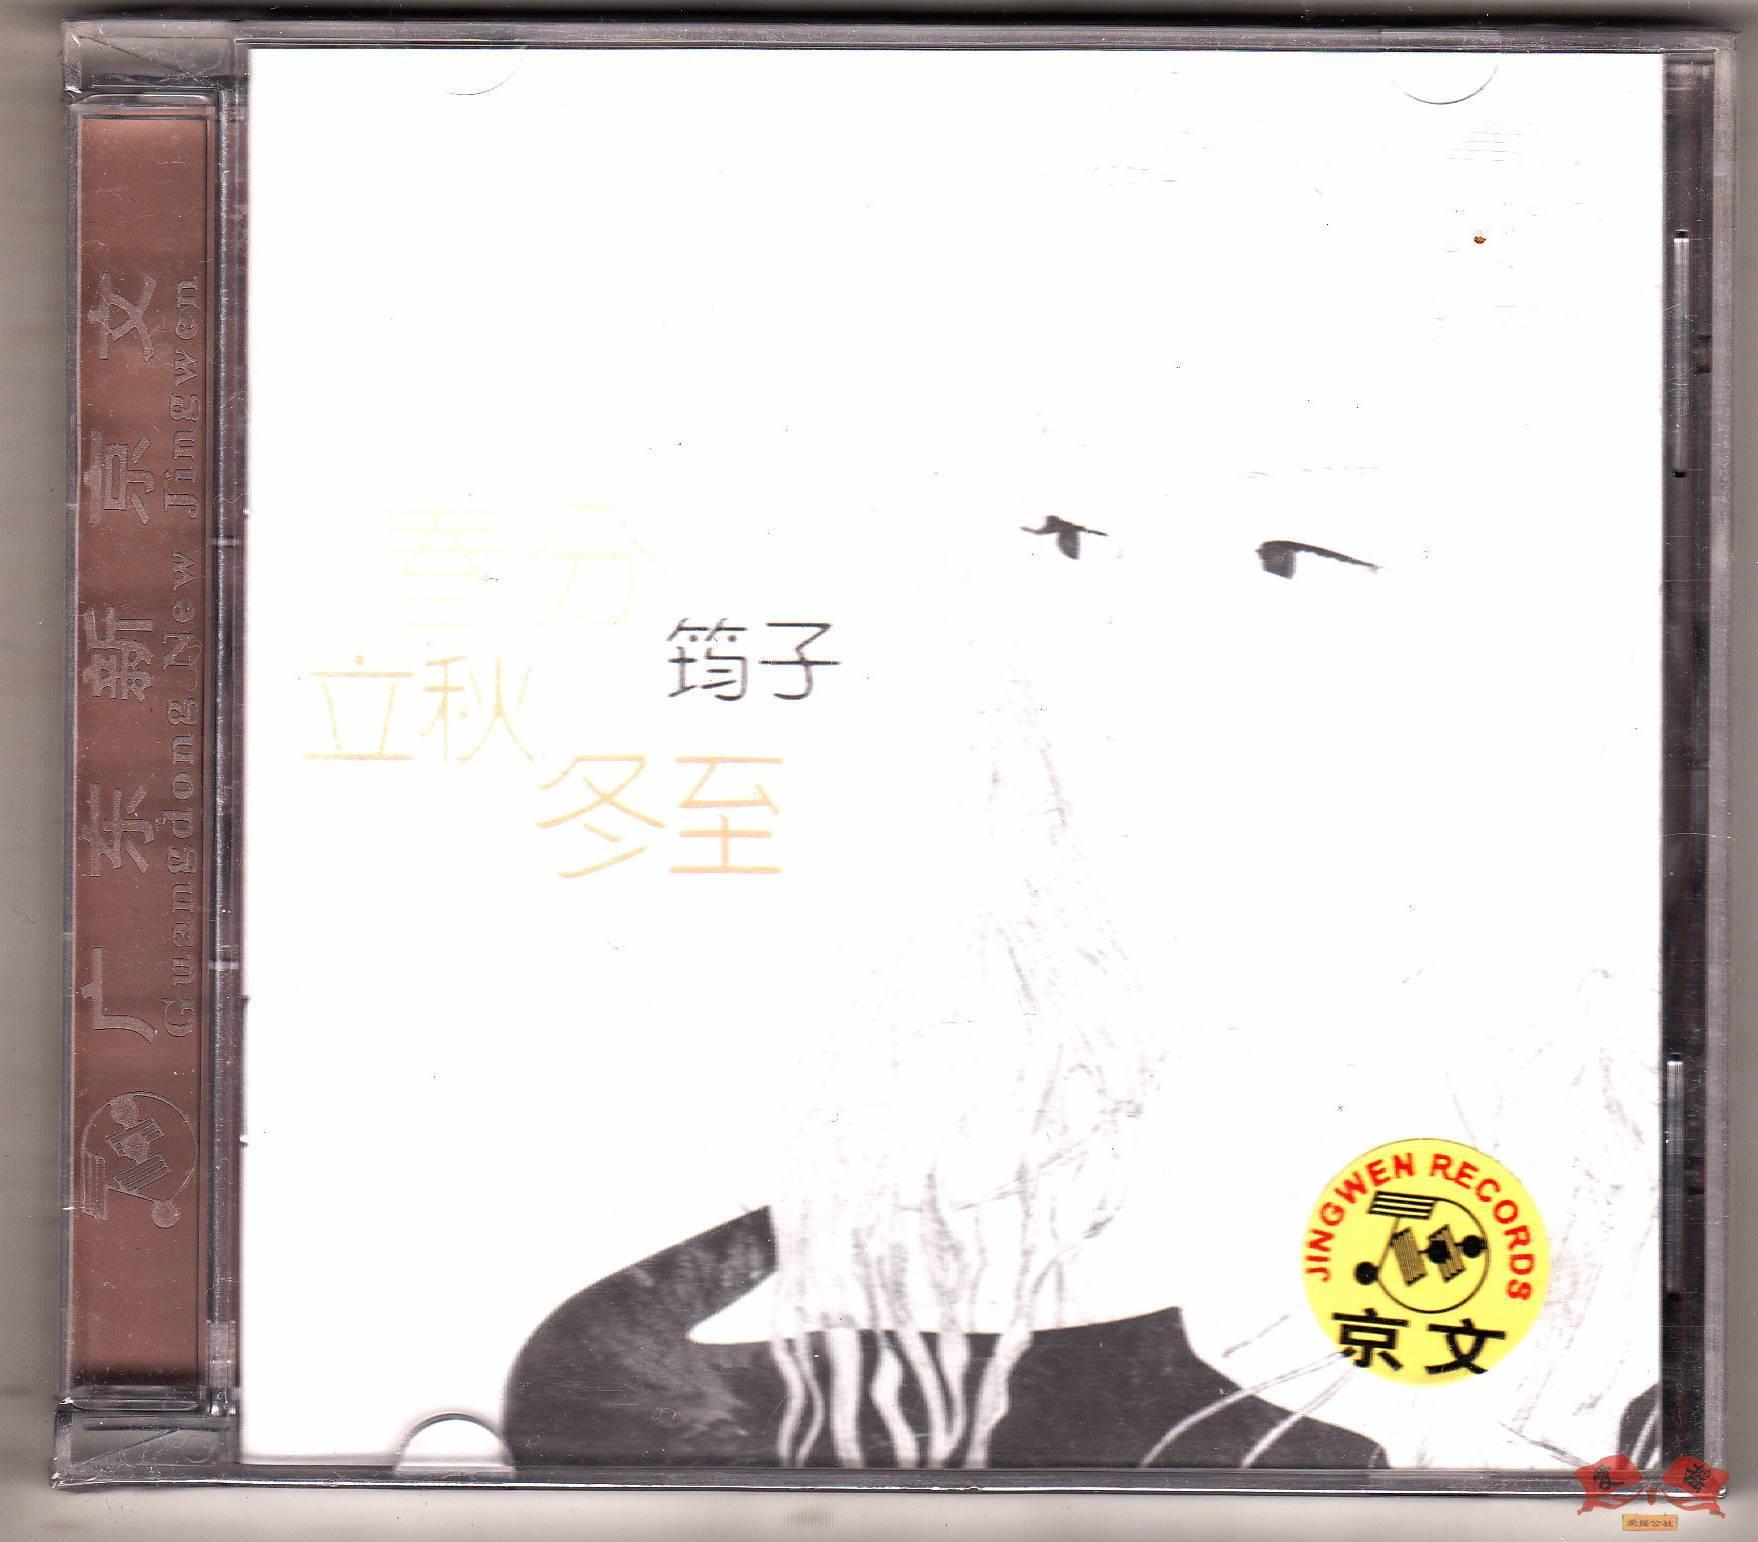 筠子/吴雅筠《春分 立秋 冬至》京文发行 CD【全场正品】 价格:24.00